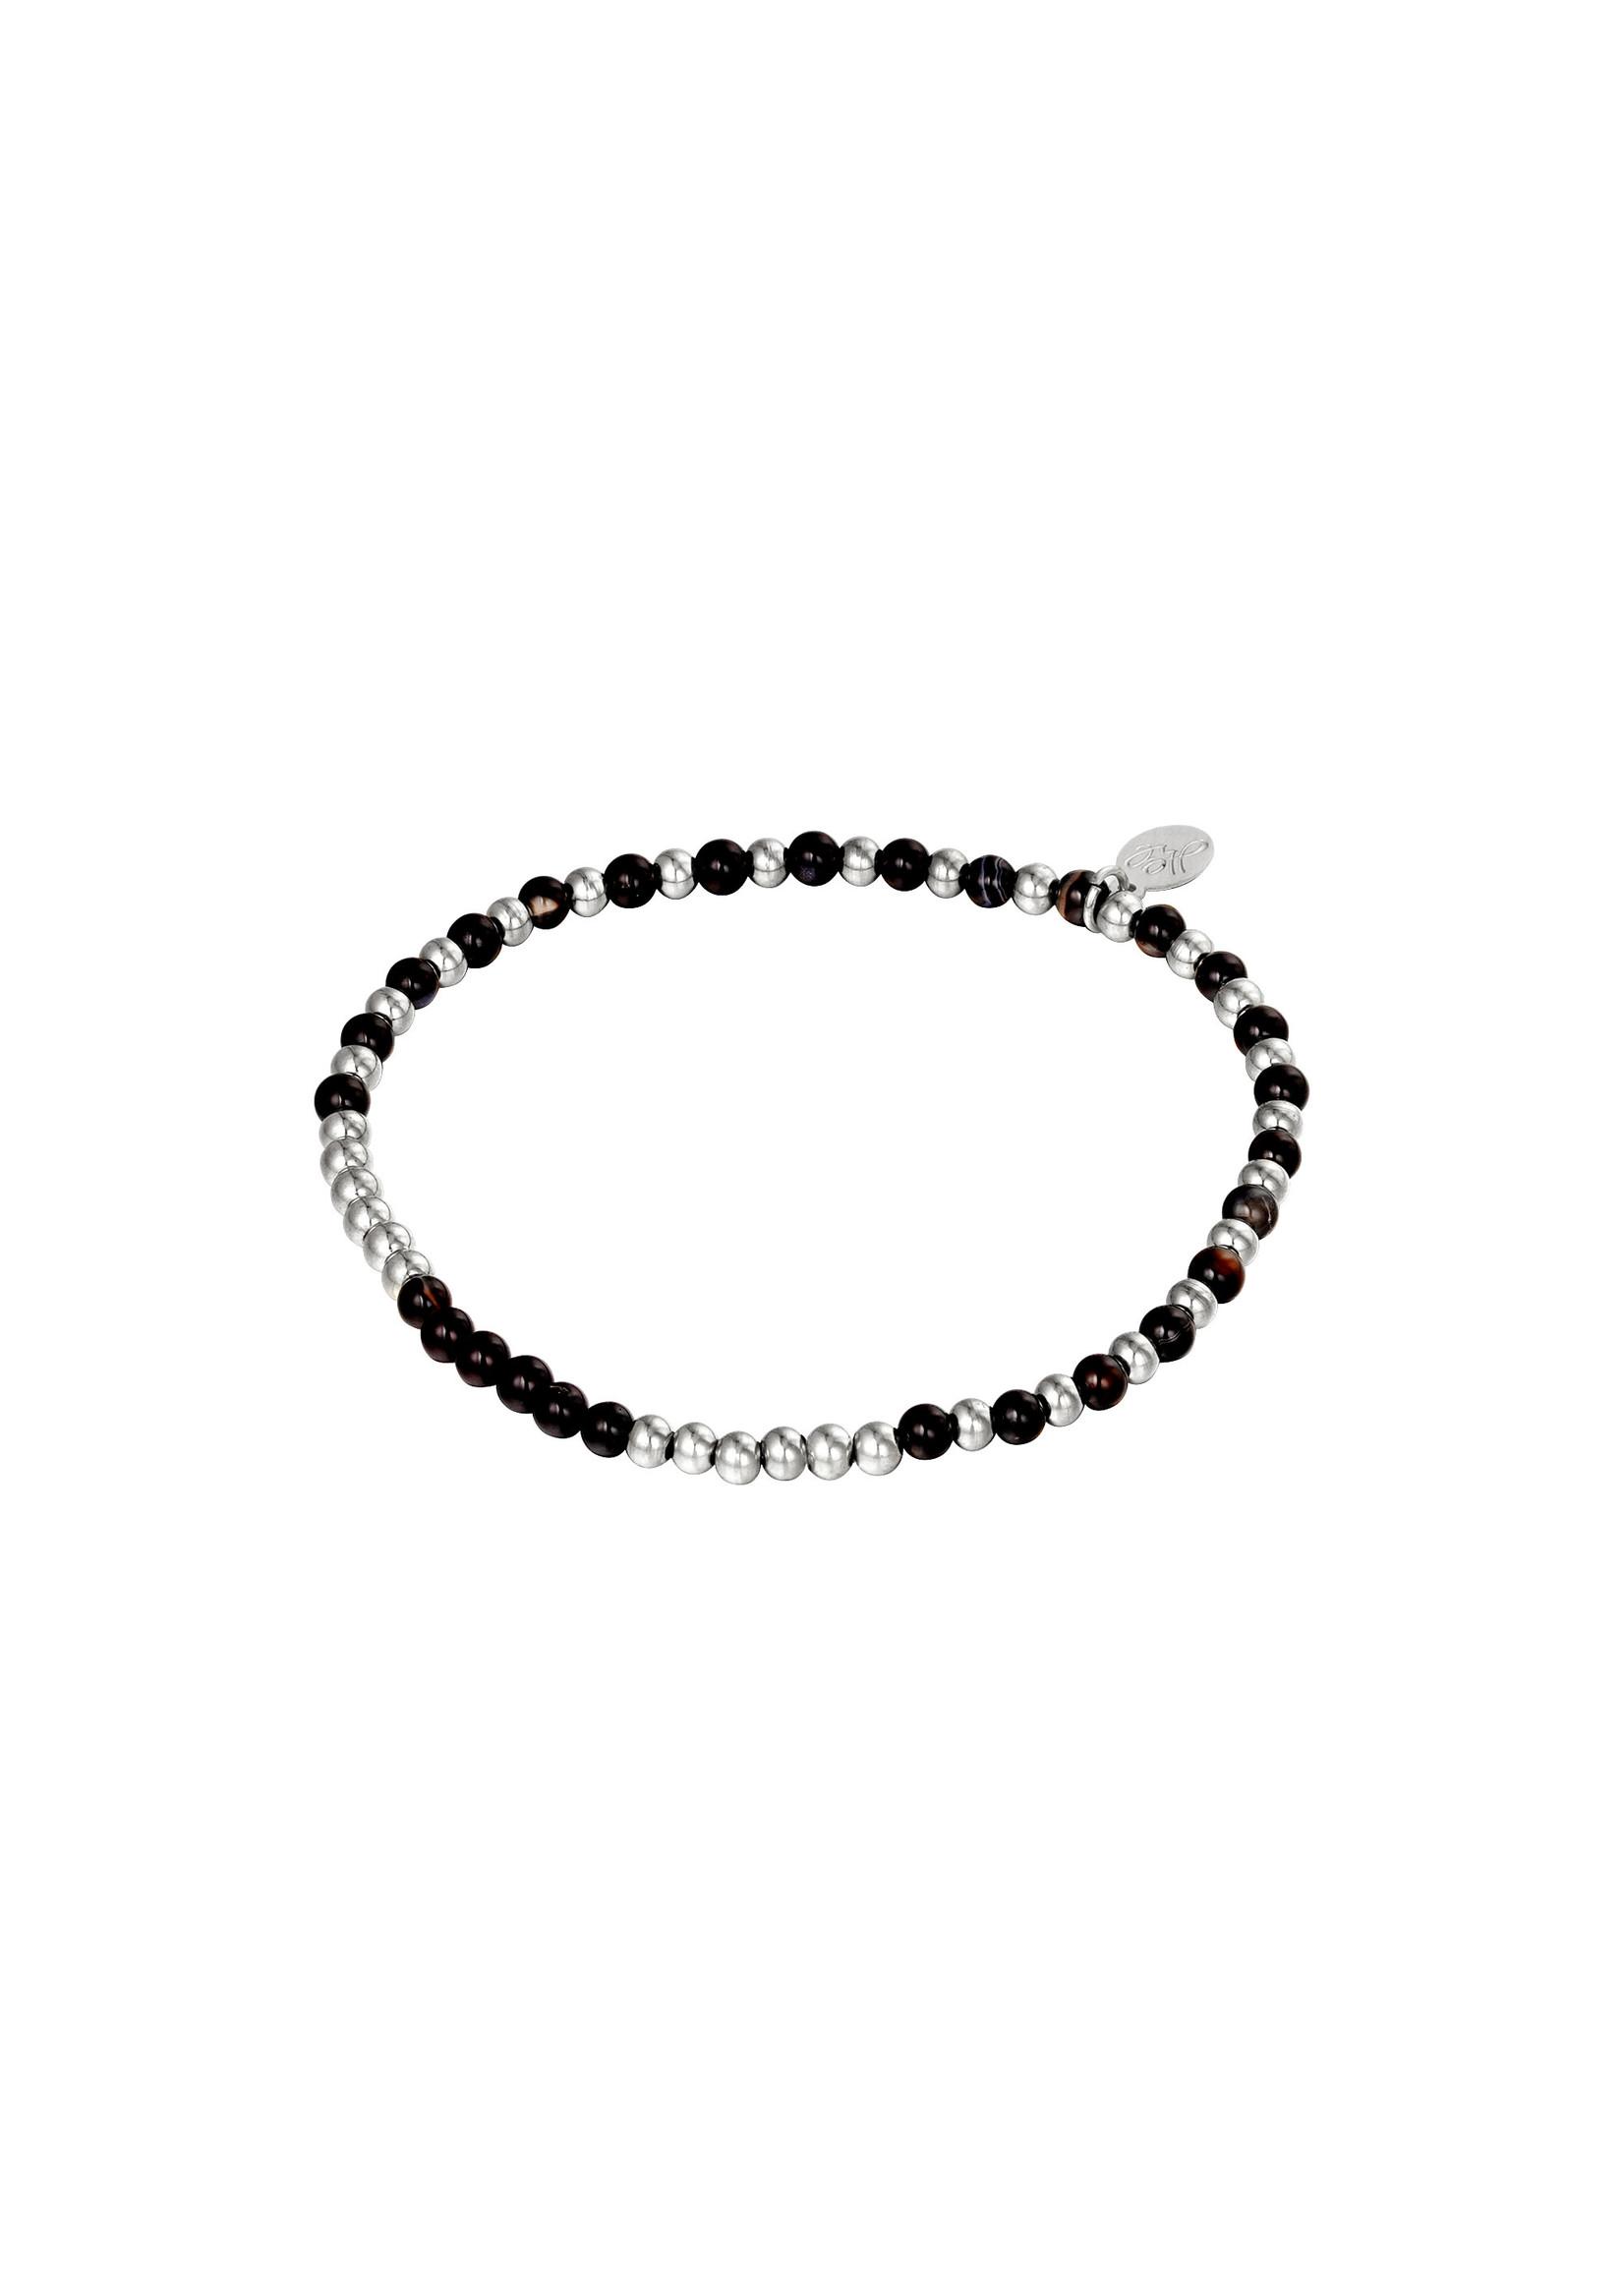 Ladybugs Armband stainless steel elastiek met kraaltjes ZILVER/ZWART